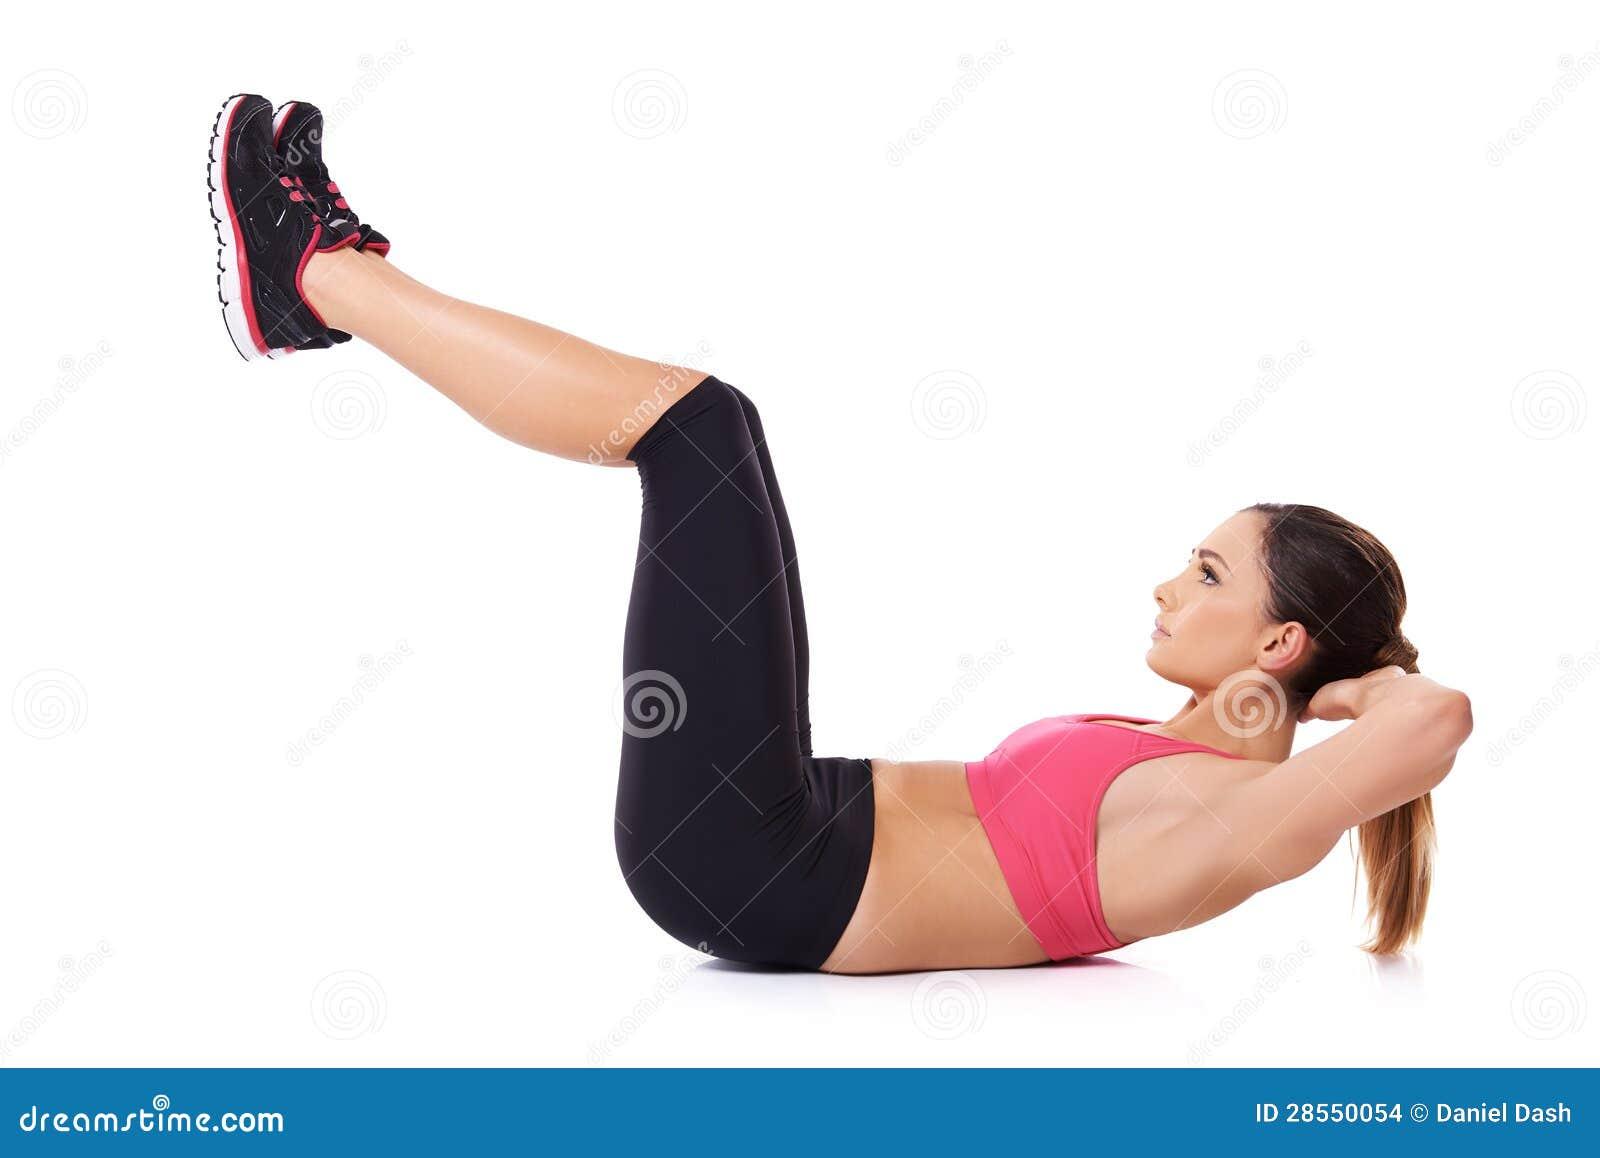 Упражнения для укрепления анального сфинктера 10 фотография